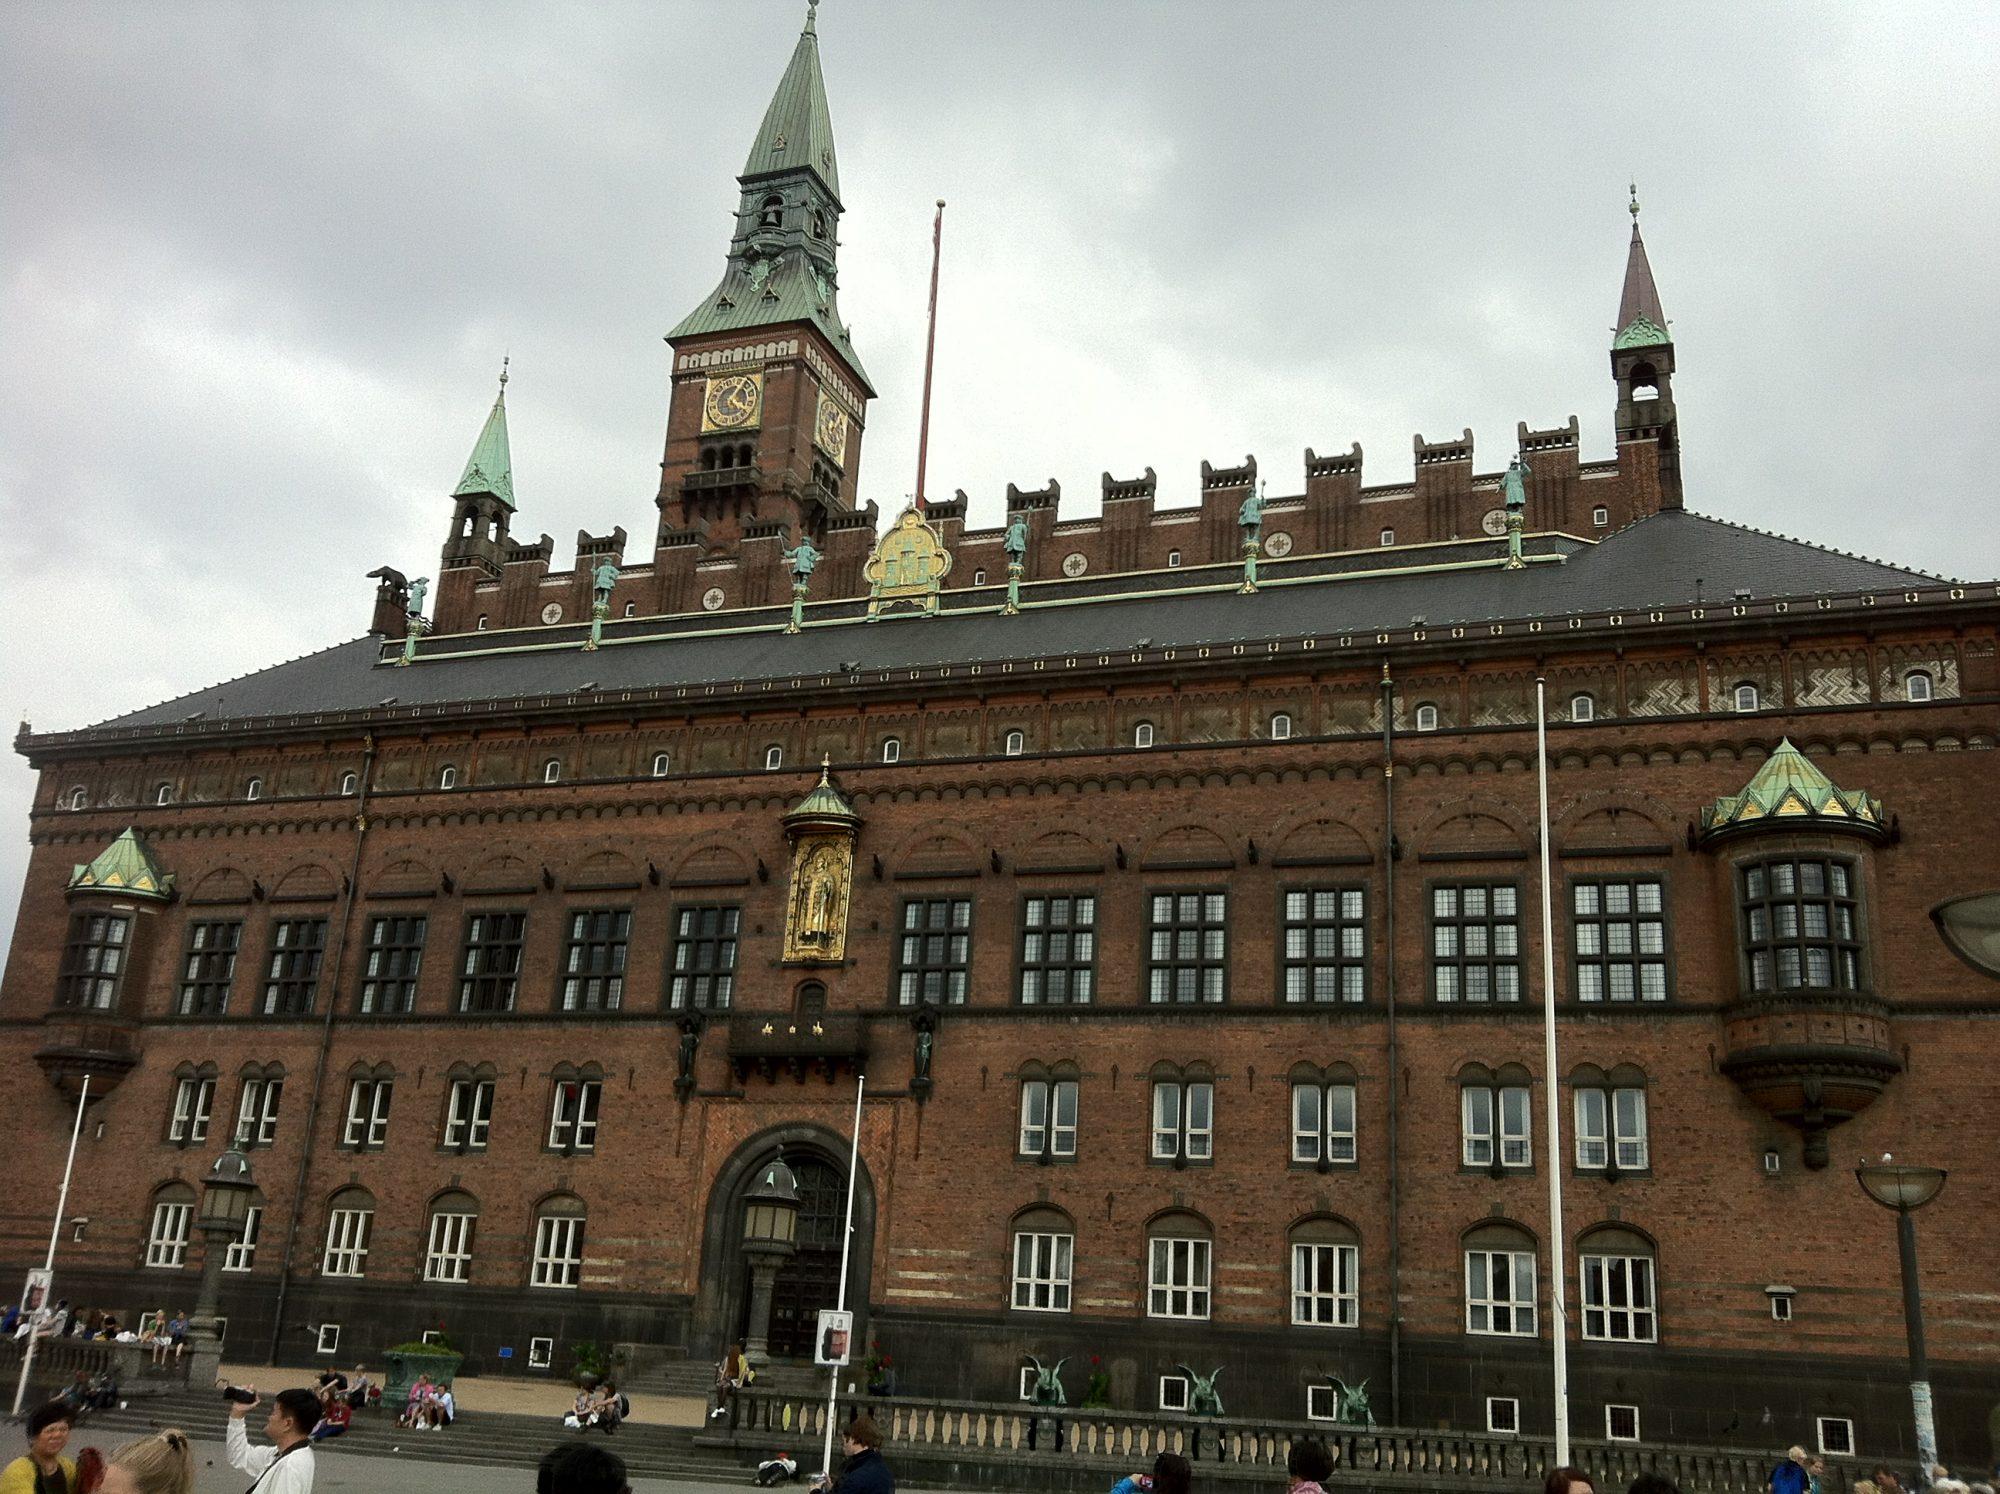 丹麥正式結束所有 Covid-19 限制其他歐盟國家可能很快就會採取類似措施